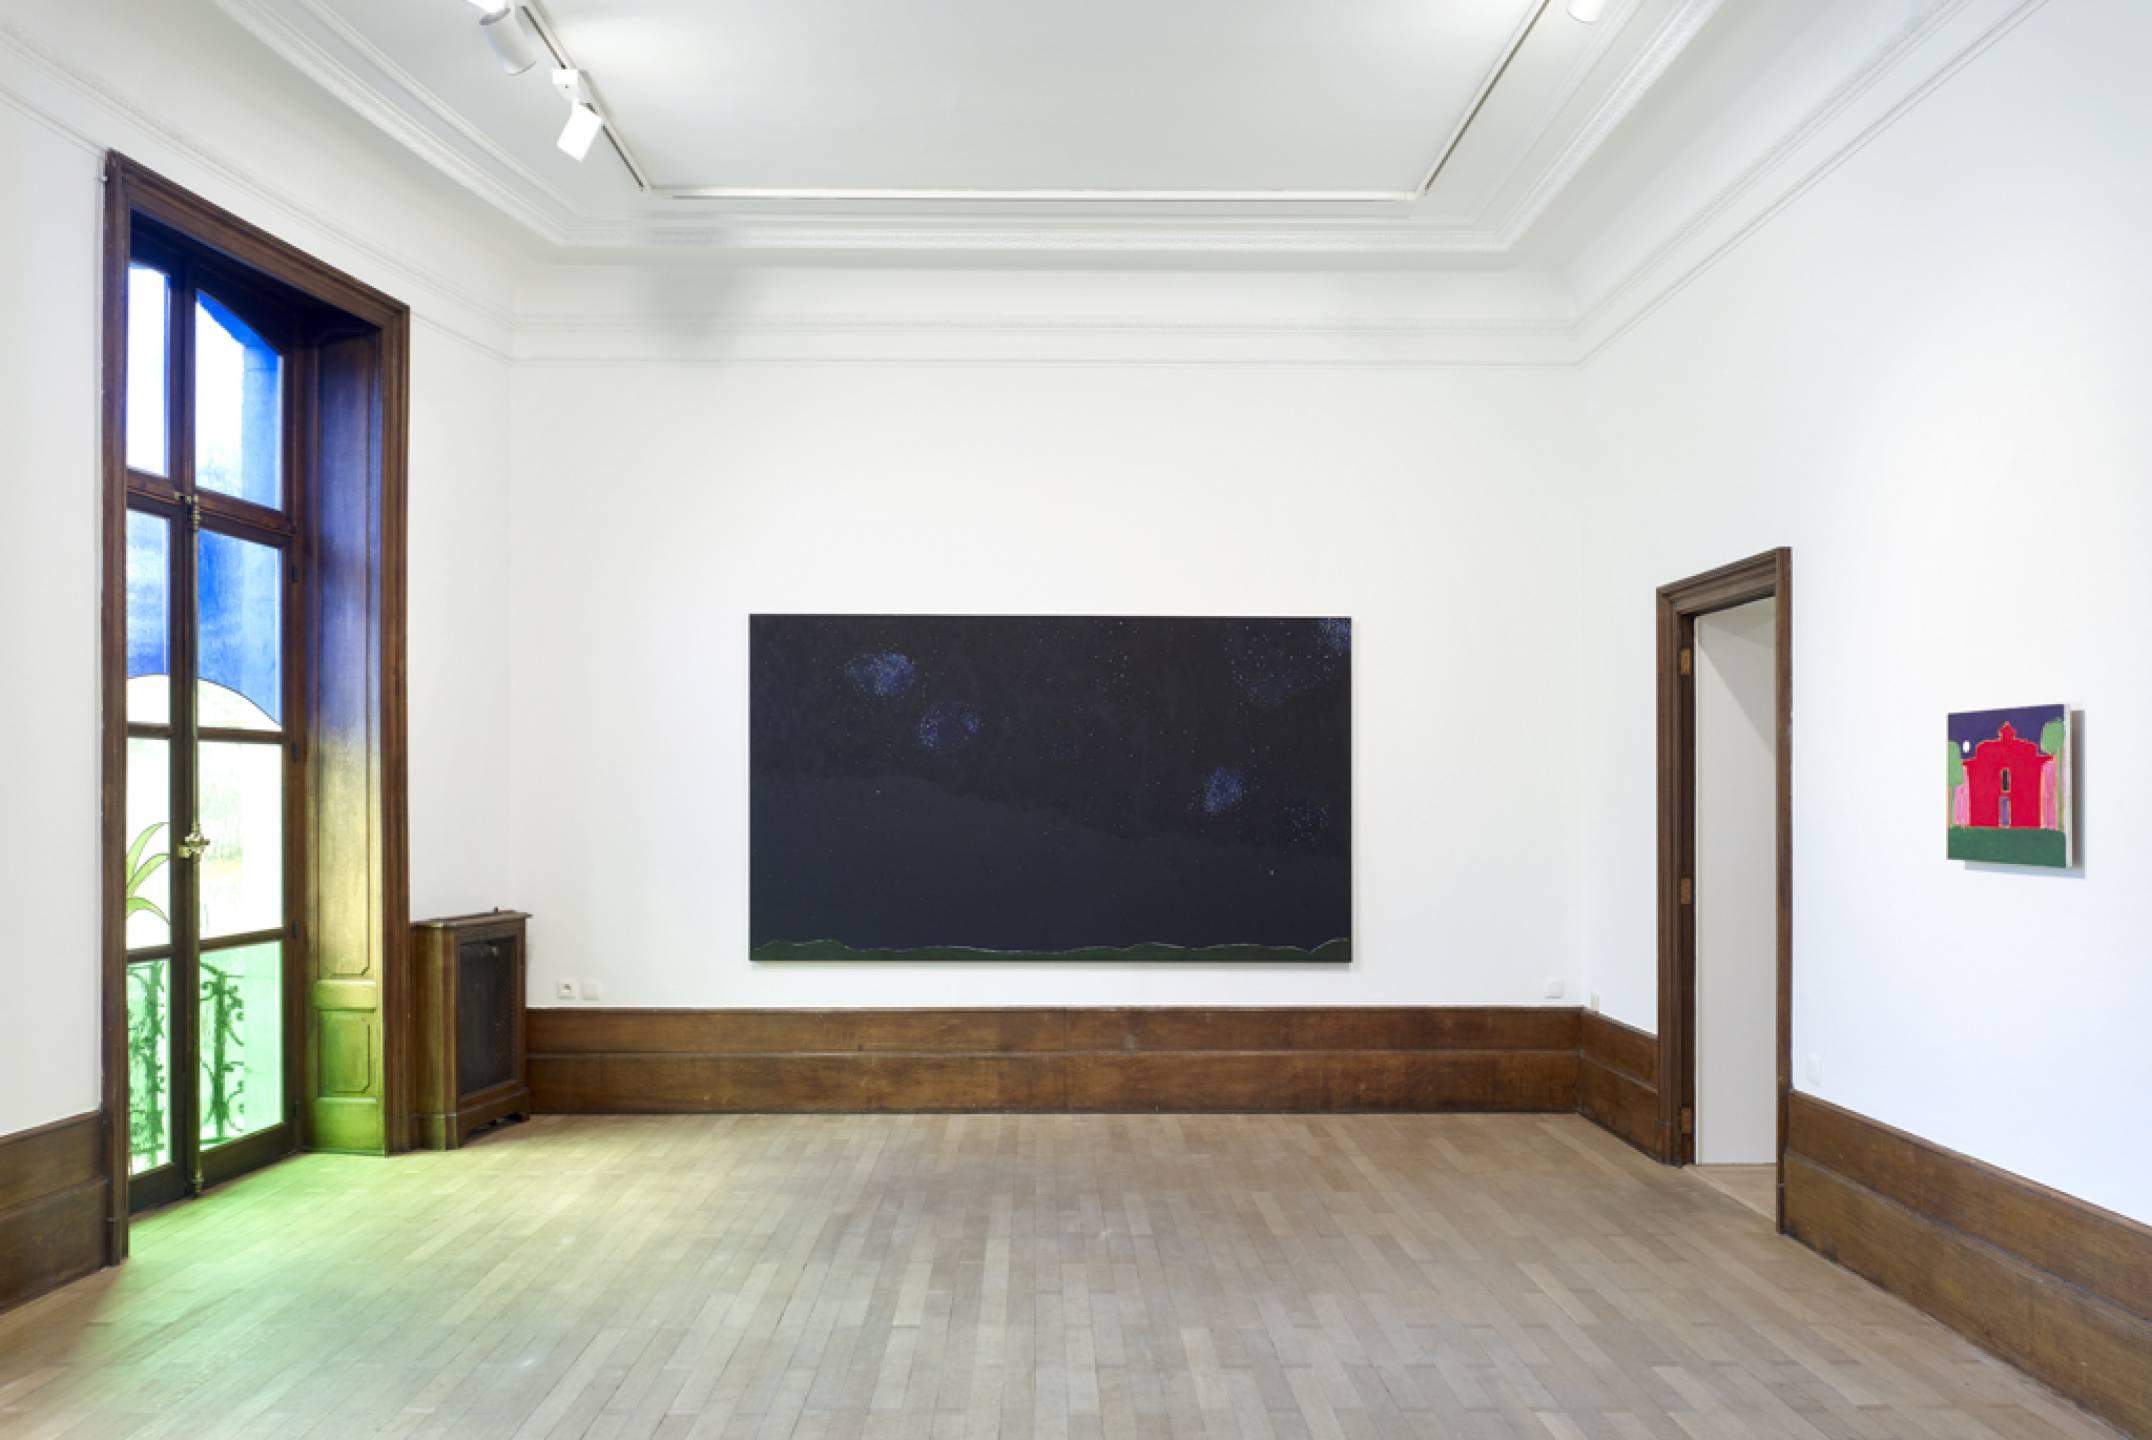 Patrícia Leite, <em>Olha pro céu, meu amor</em>,&nbsp;Mendes Wood DM Brussels, 2018 - Mendes Wood DM